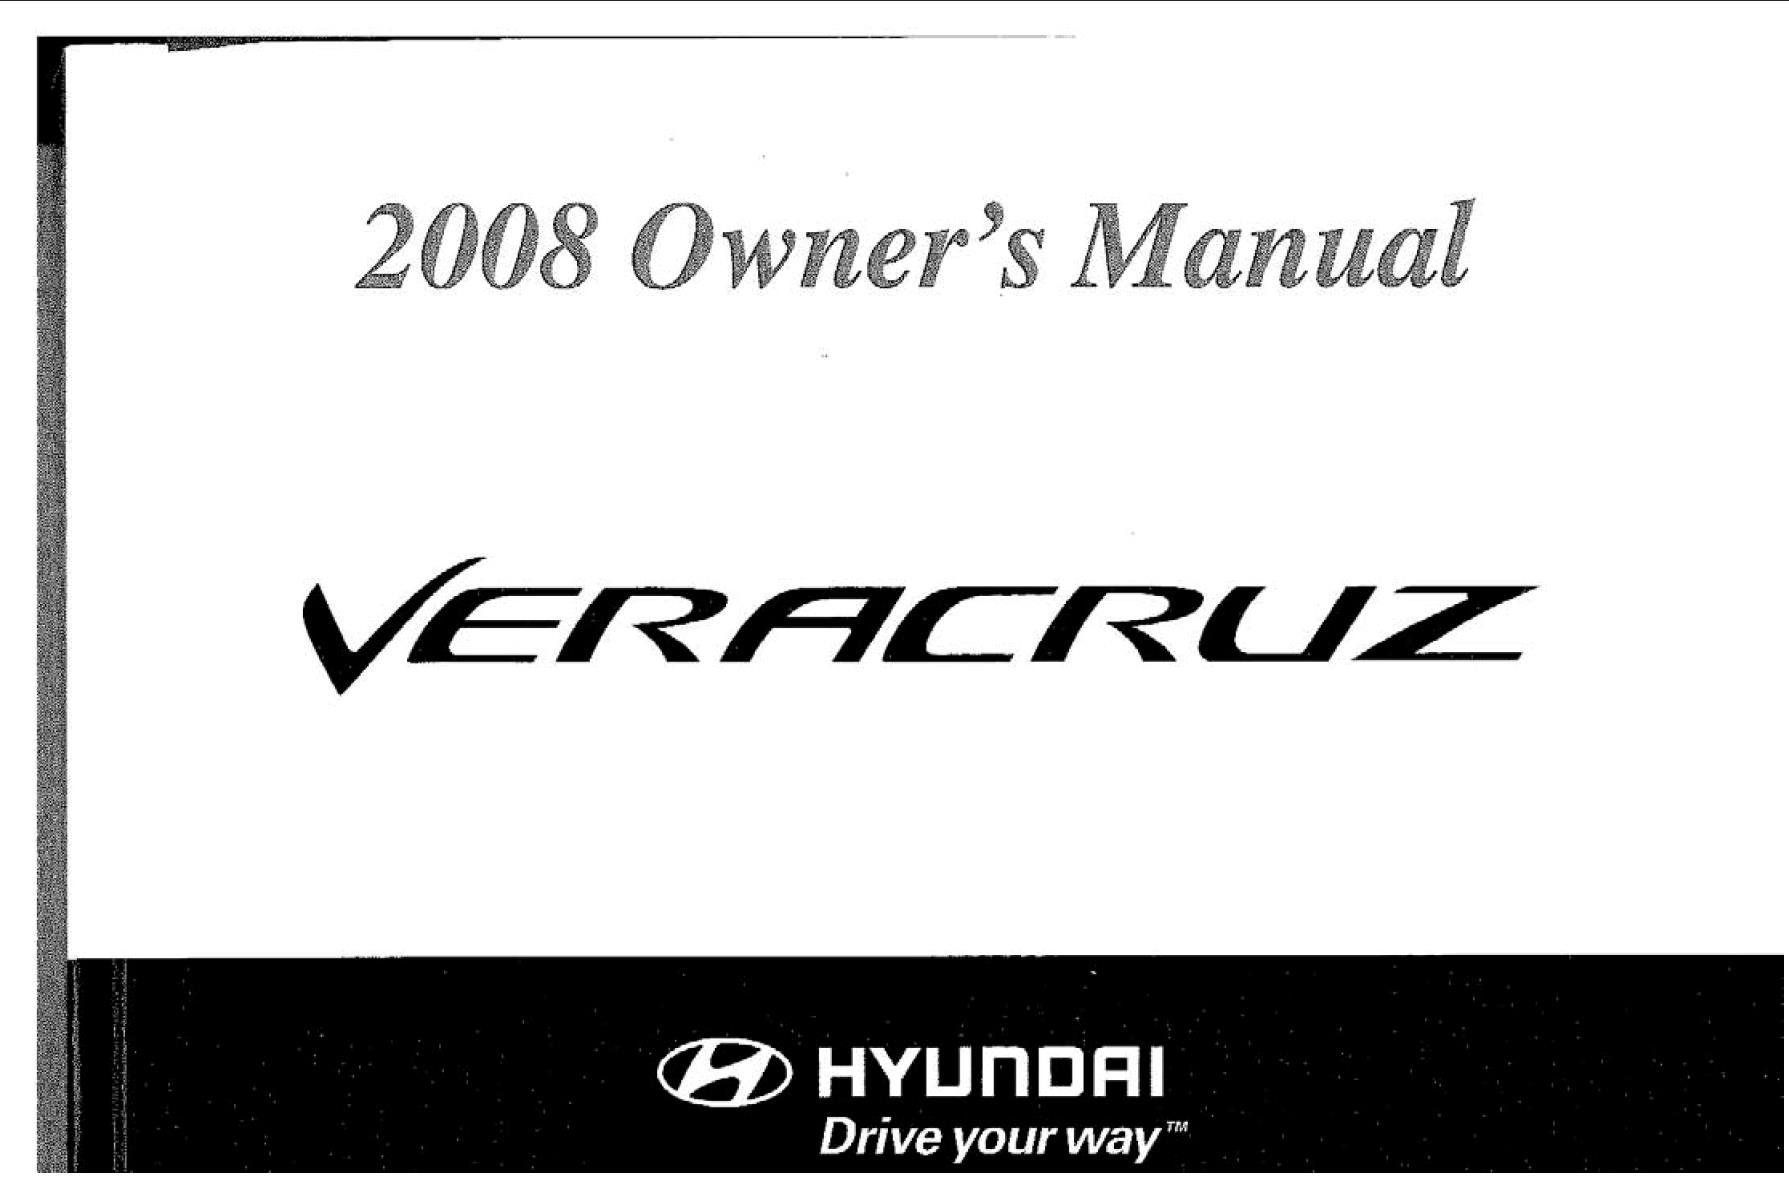 Hyundai Veracruz 2008 Owner's Manual